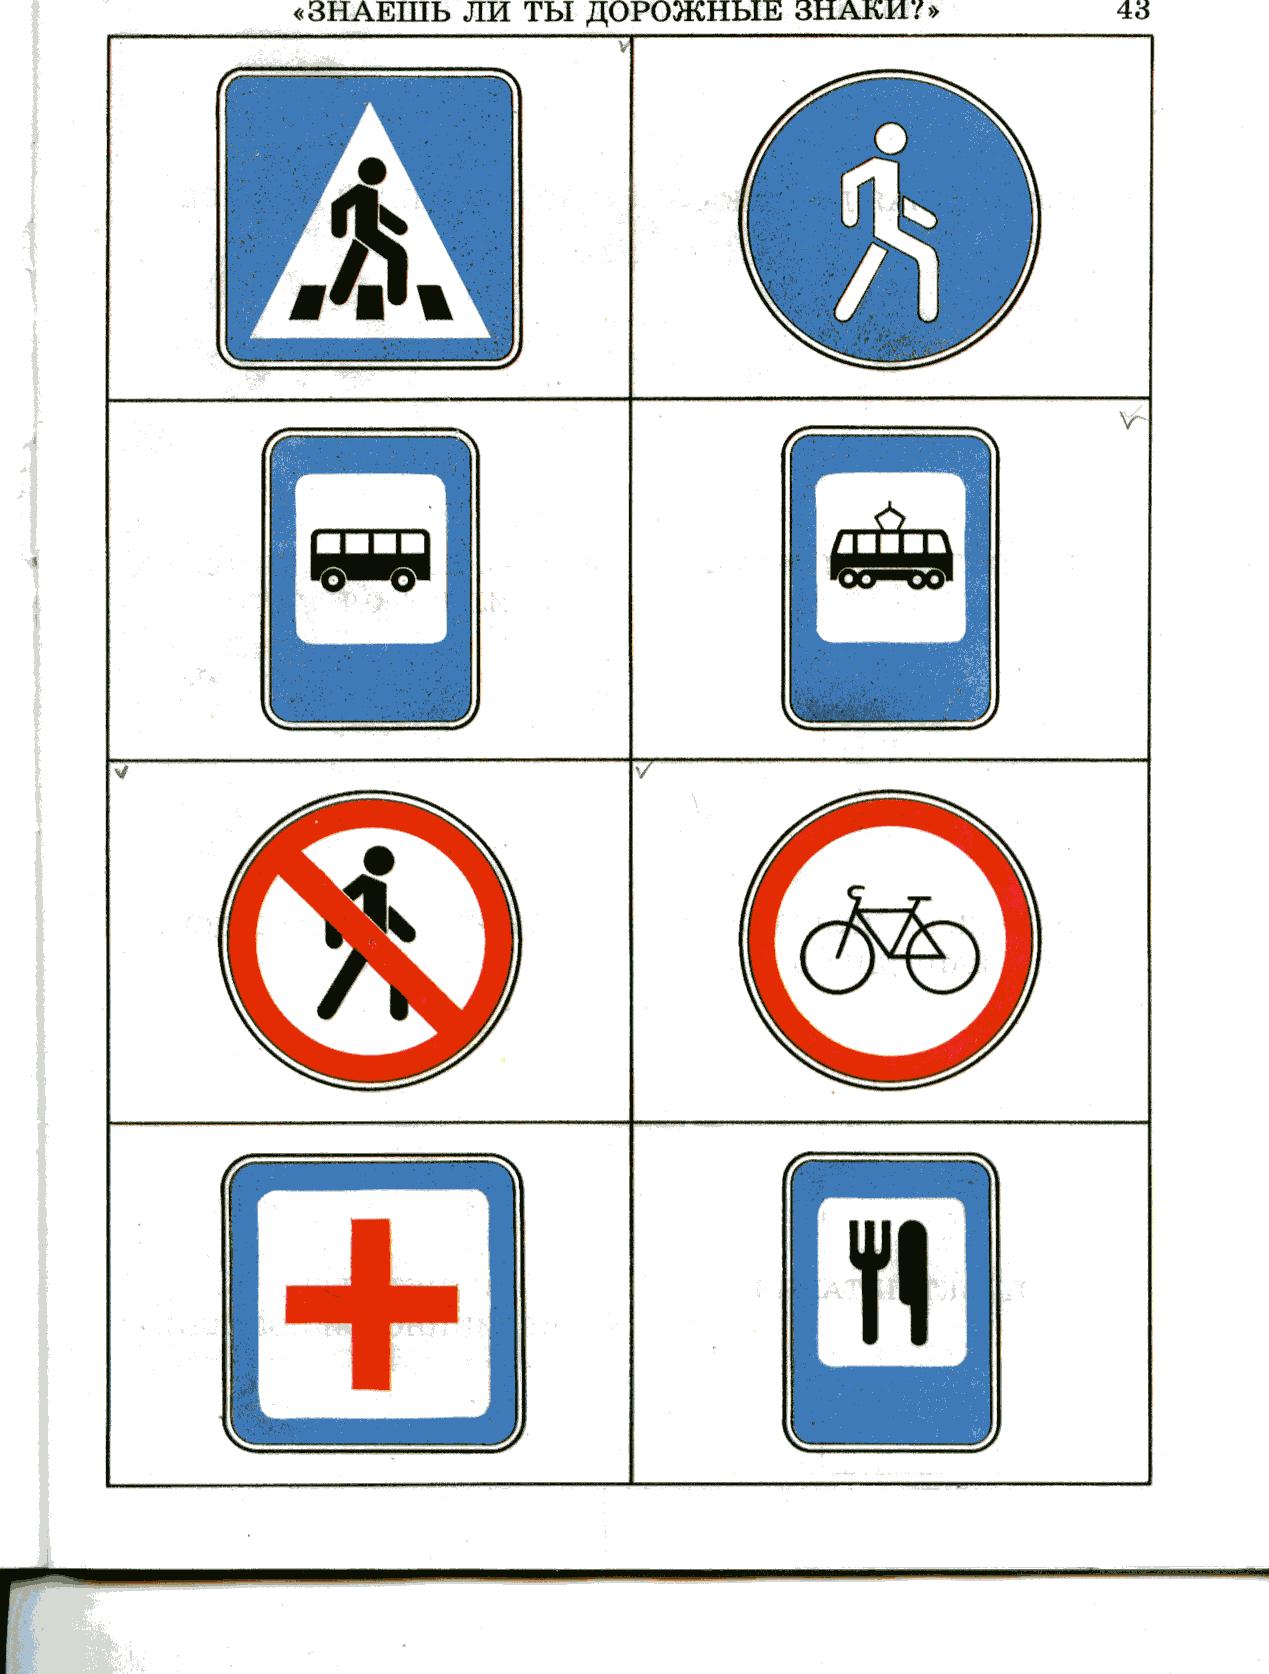 Дорожные знаки для пешеходов в картинках для детей